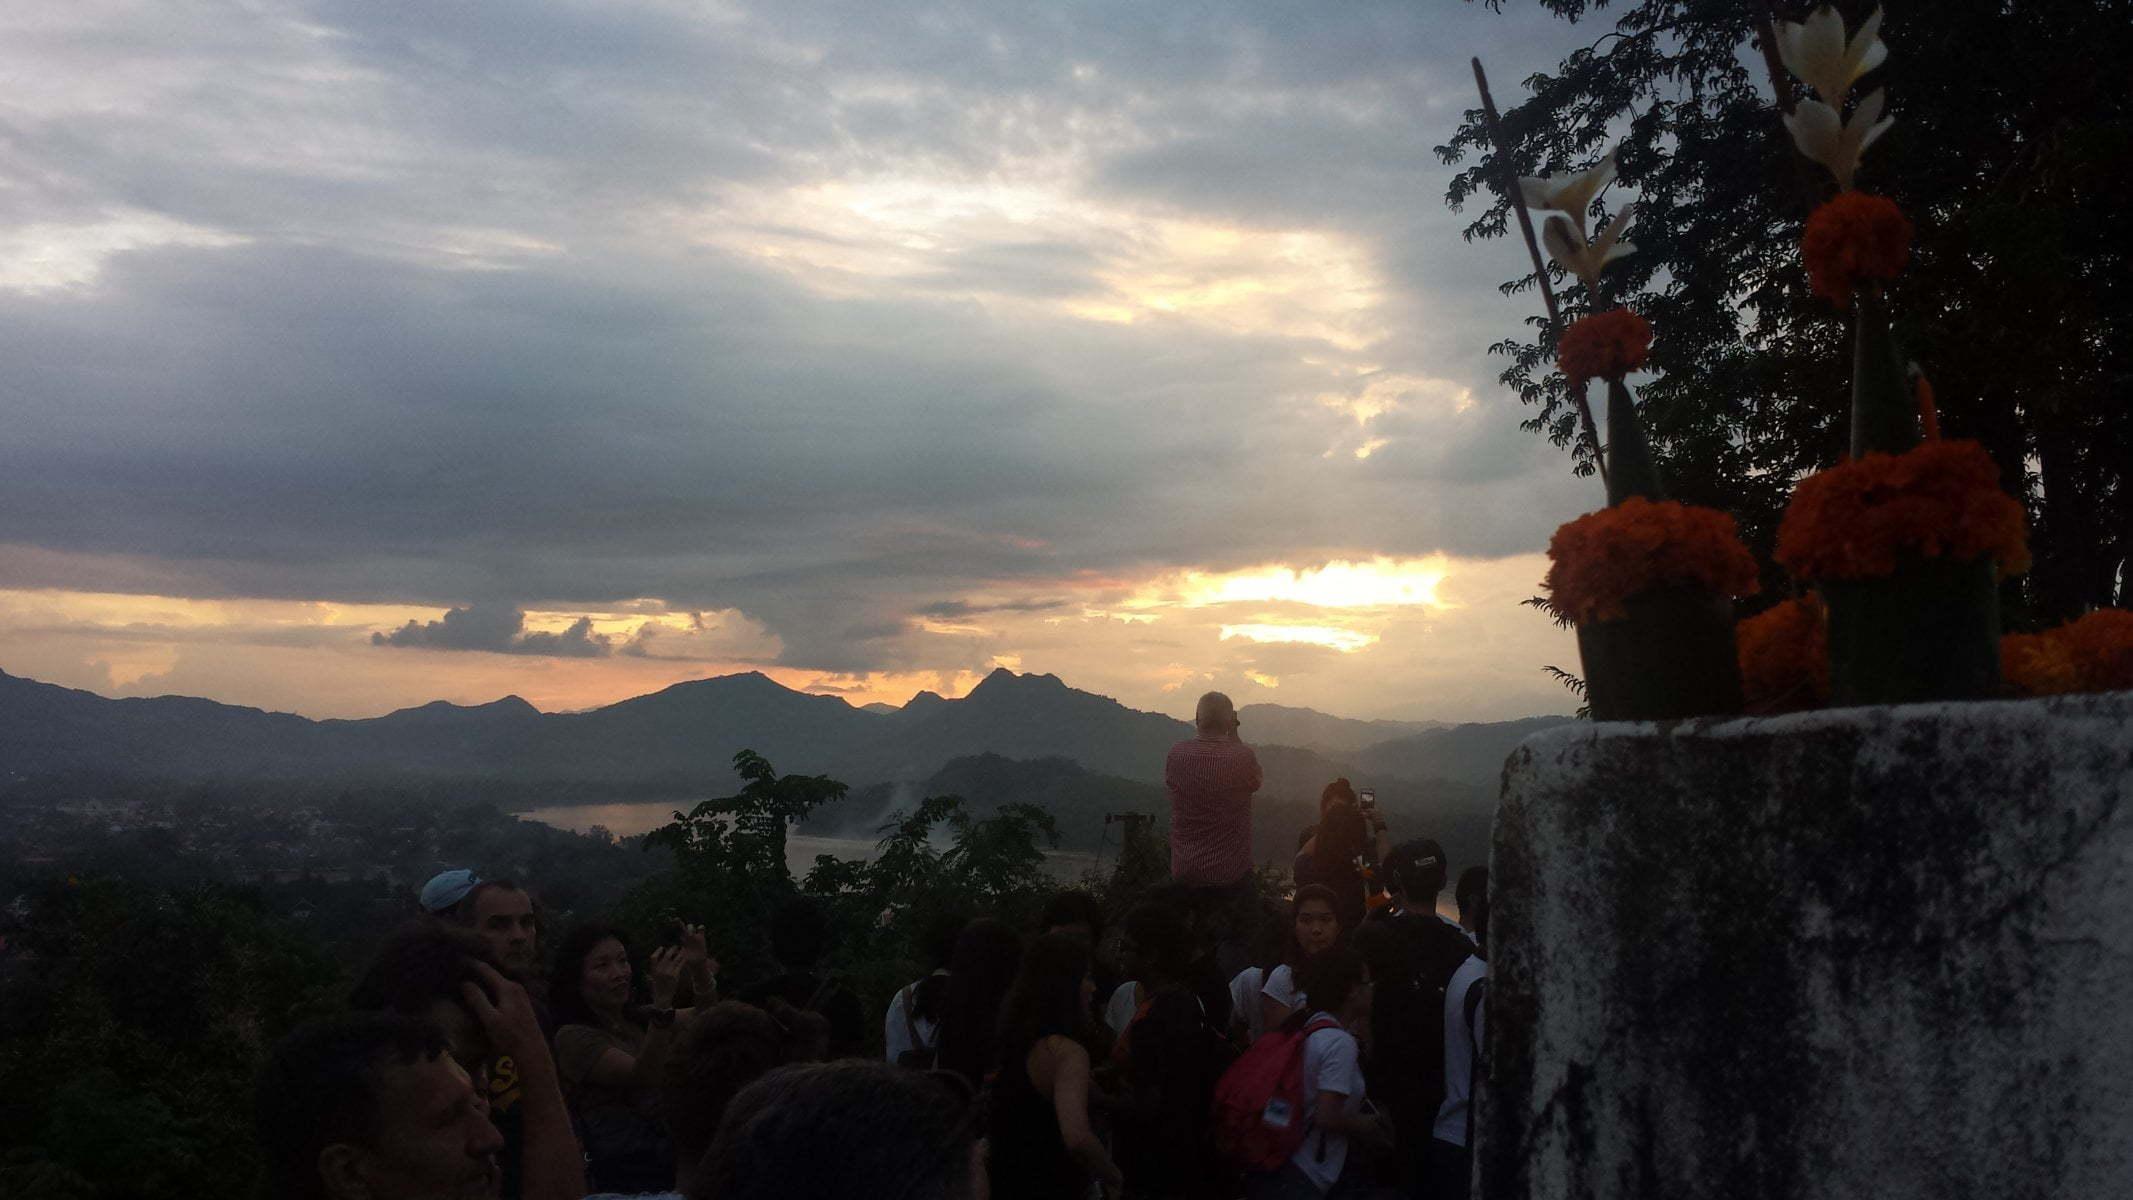 Aglomeração no Mount Phousi para o por do sol em Luang Prabang, Laos